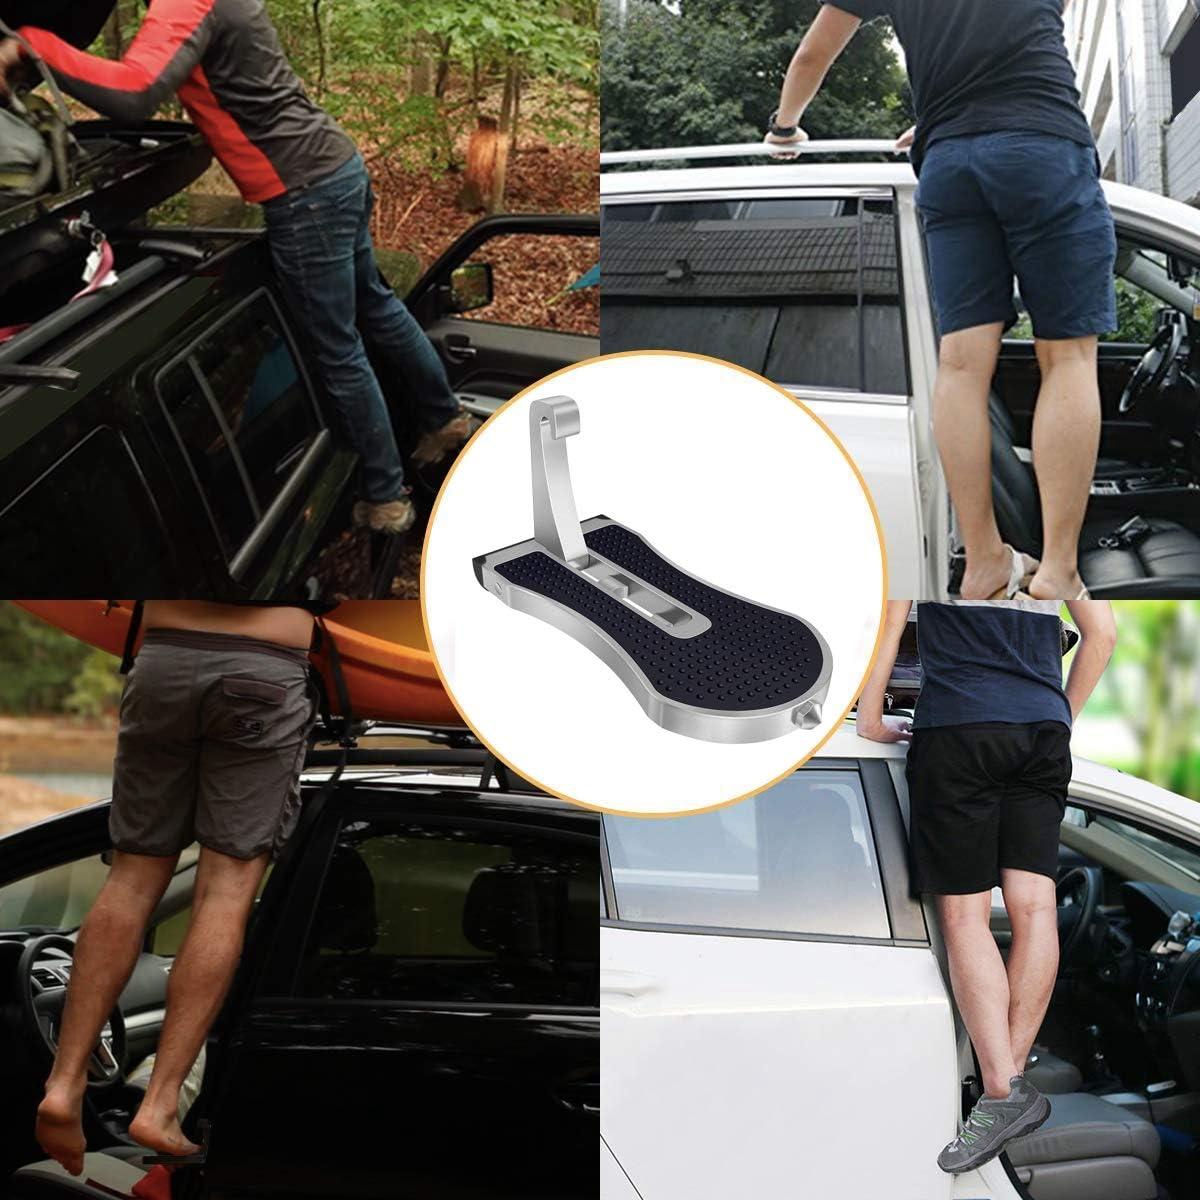 SUV Nrpfell Supports de Pied D/éChelle de Toit de Voiture Accroch/éS sur Un Loquet en Forme de U P/éDale Pied Pliable pour Voiture avec Marteau de S/éCurit/é pour Voiture Tout-Terrain